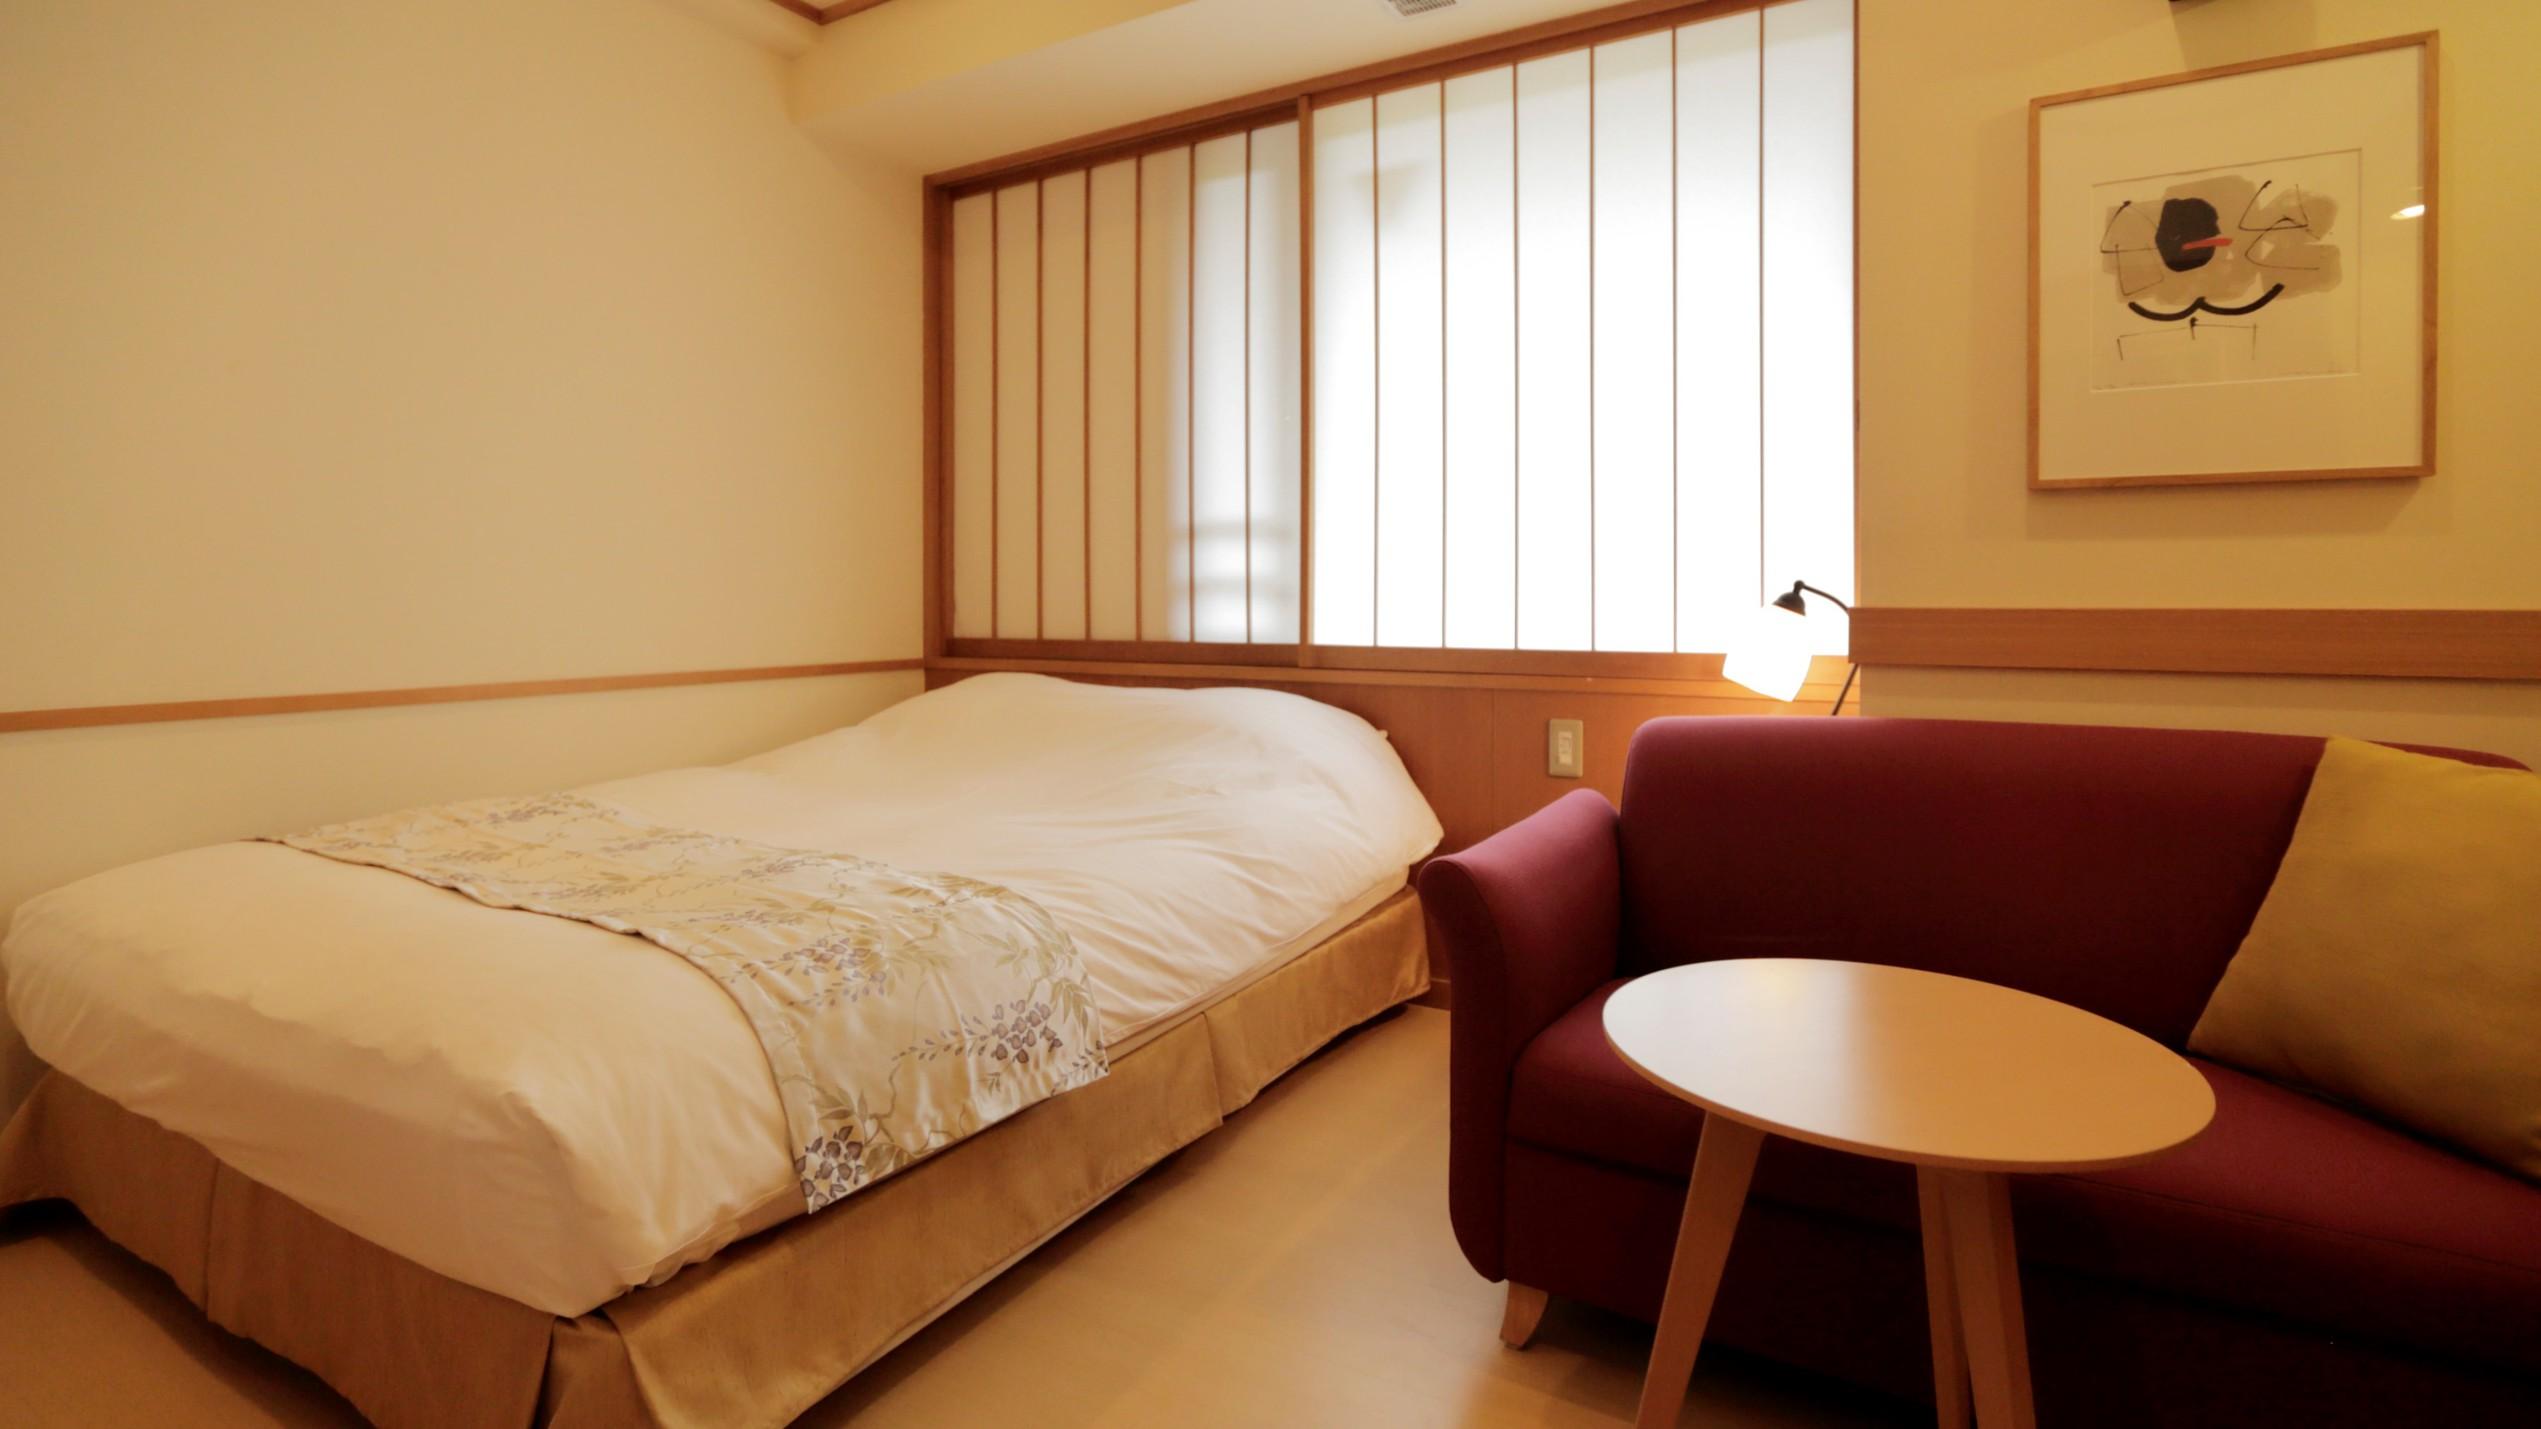 【新館:水花の庄】18m2セミダブルルーム。1人旅やカップルにおすすめのコンパクトな客室。